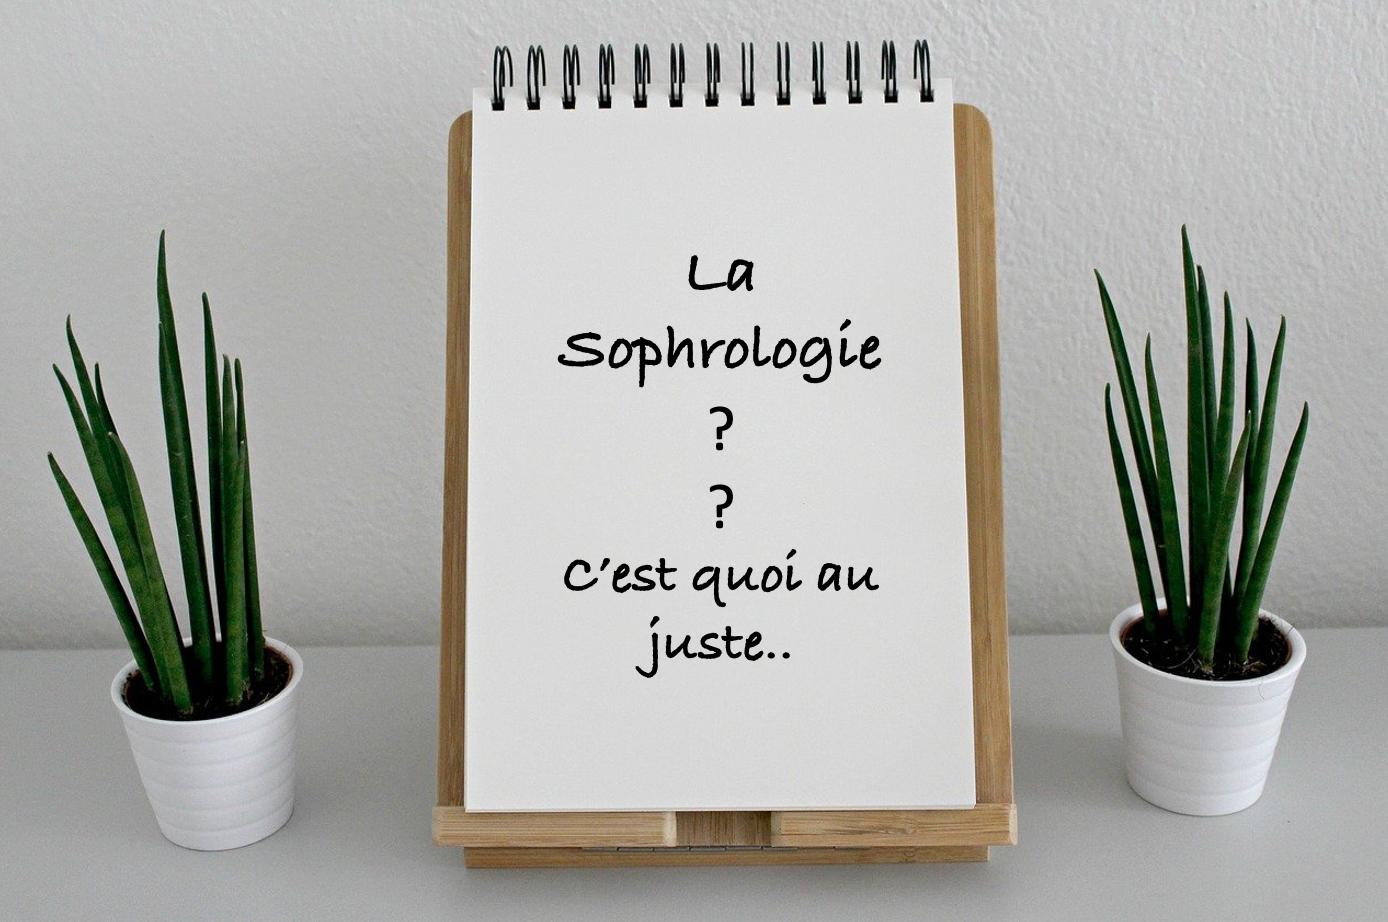 La sophrologie c est quoi